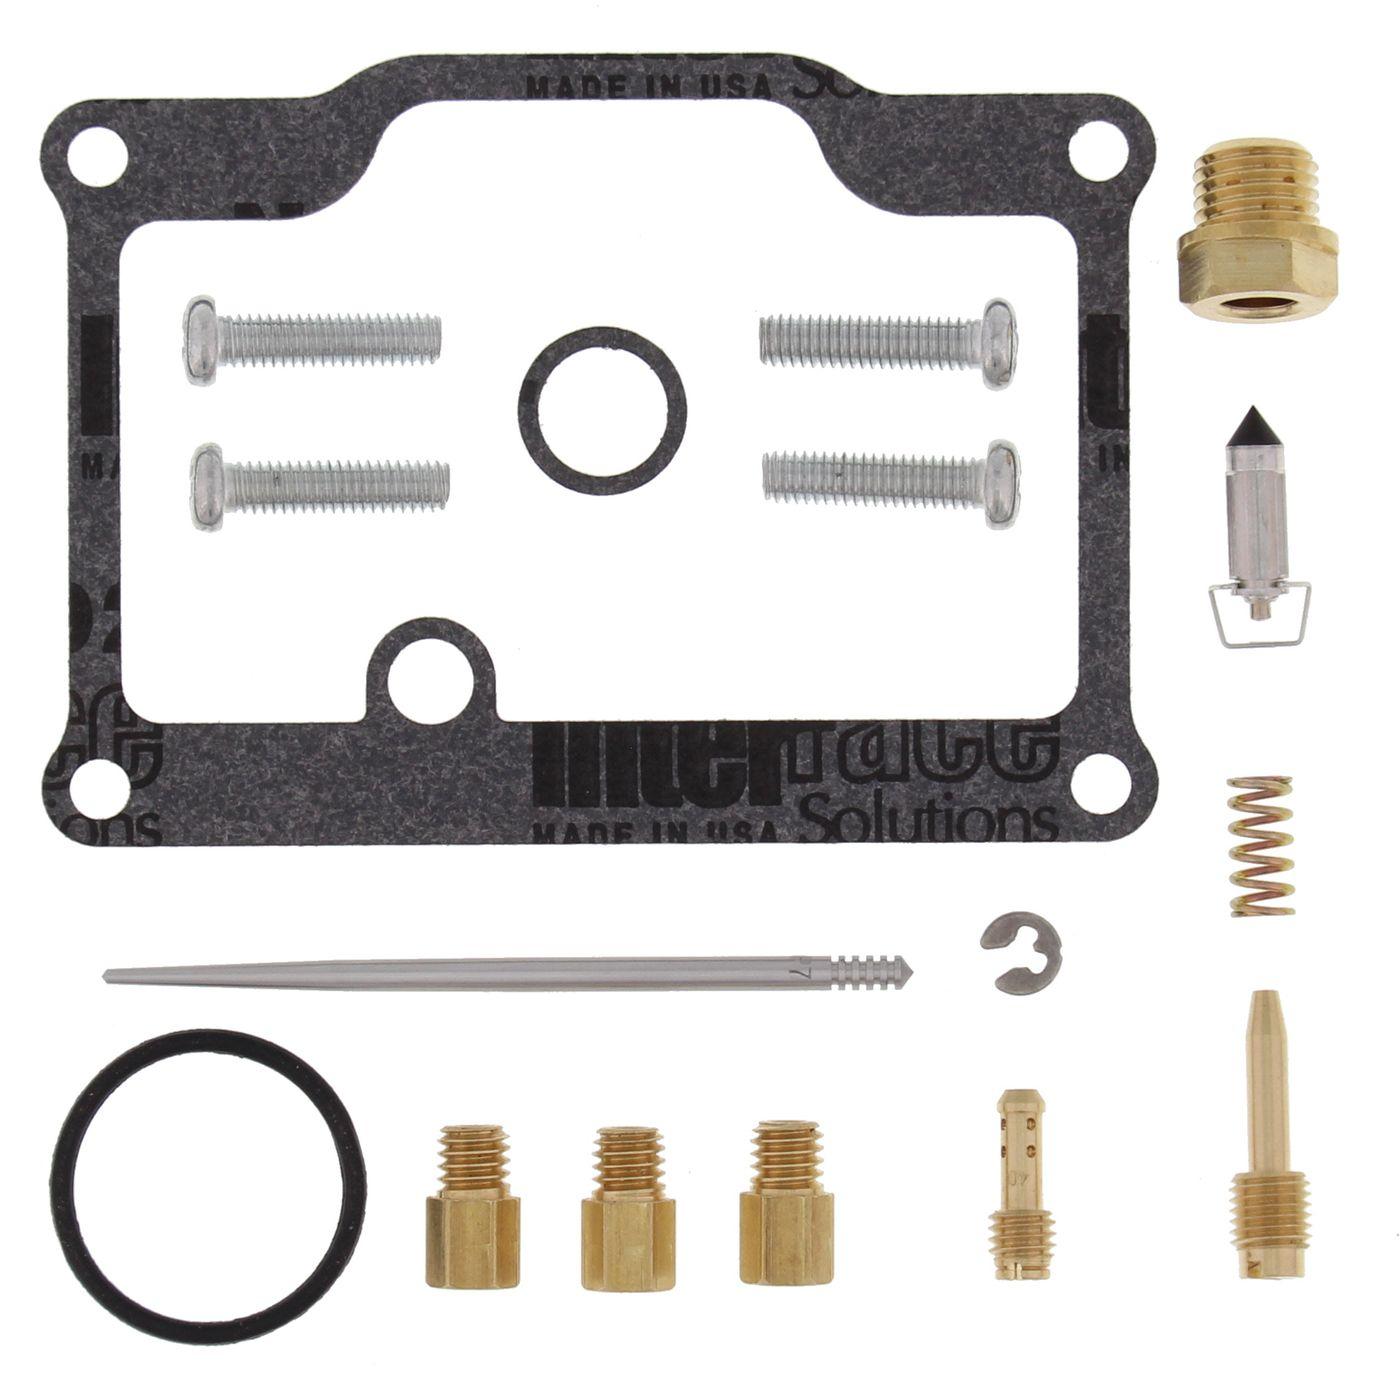 wrp carb repair kits - WRP261007 image